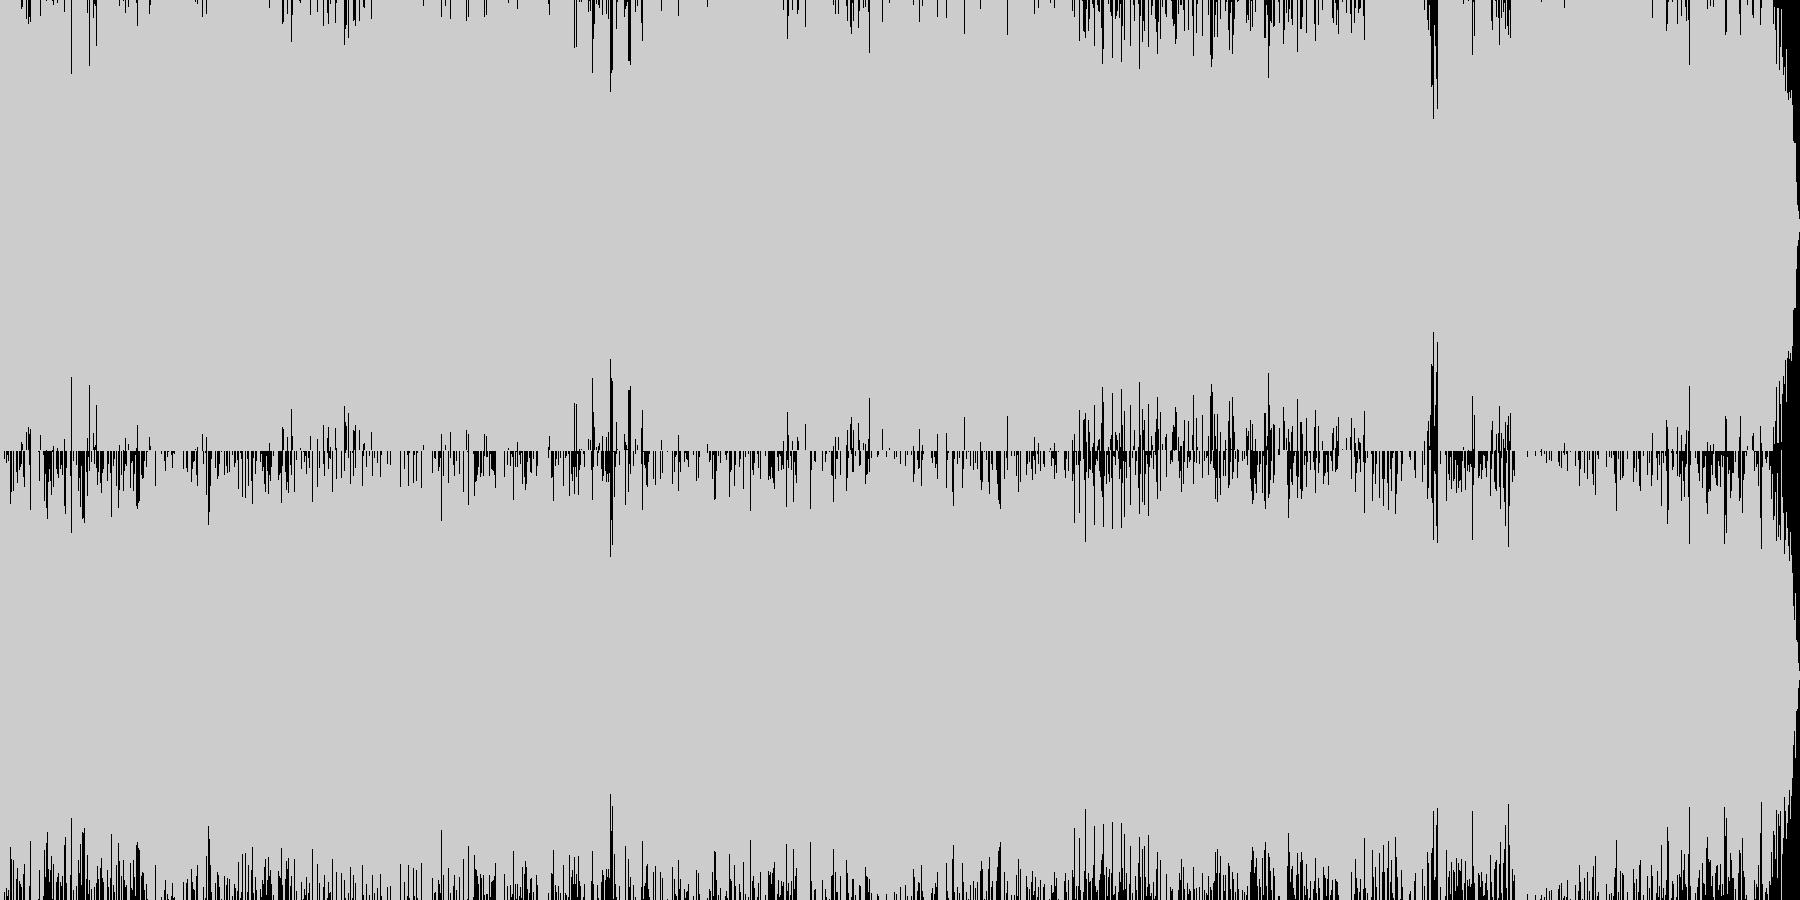 オルタナティブバラードの未再生の波形